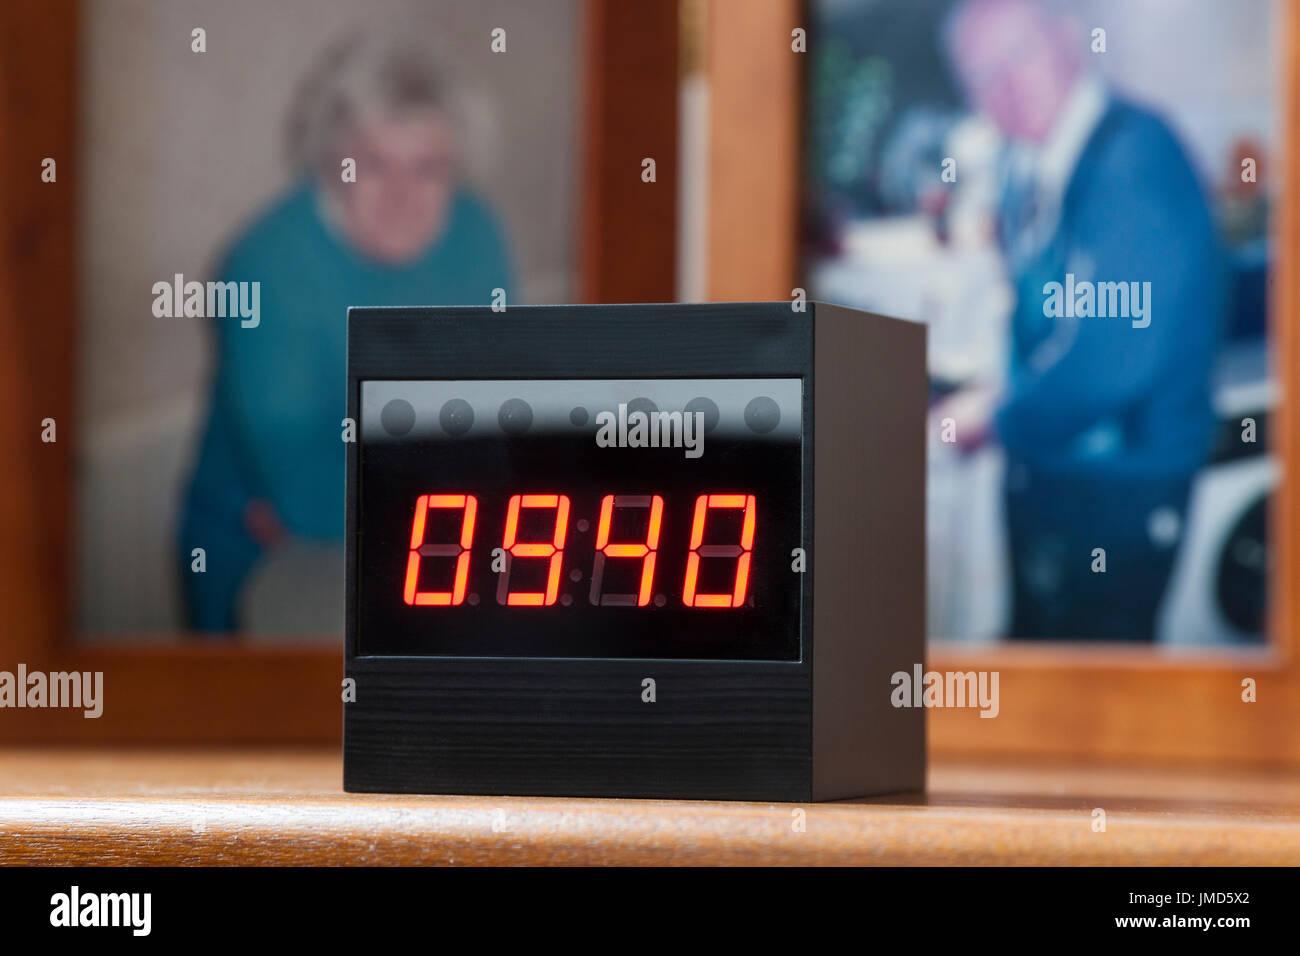 Telecamera Nascosta In Oggetti : Secret spy telecamera nascosta in un orologio digitale del tipo